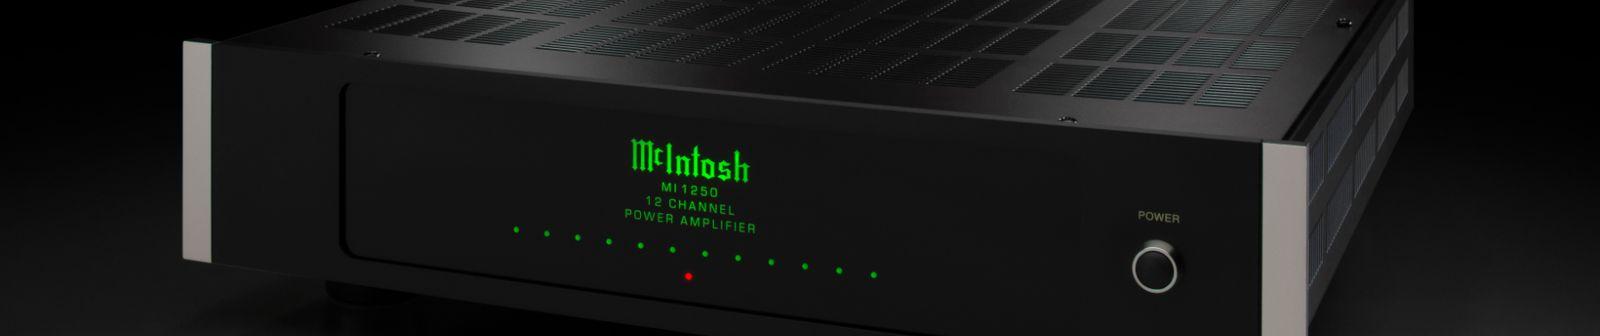 Fsweb mcintosh mi1250 1